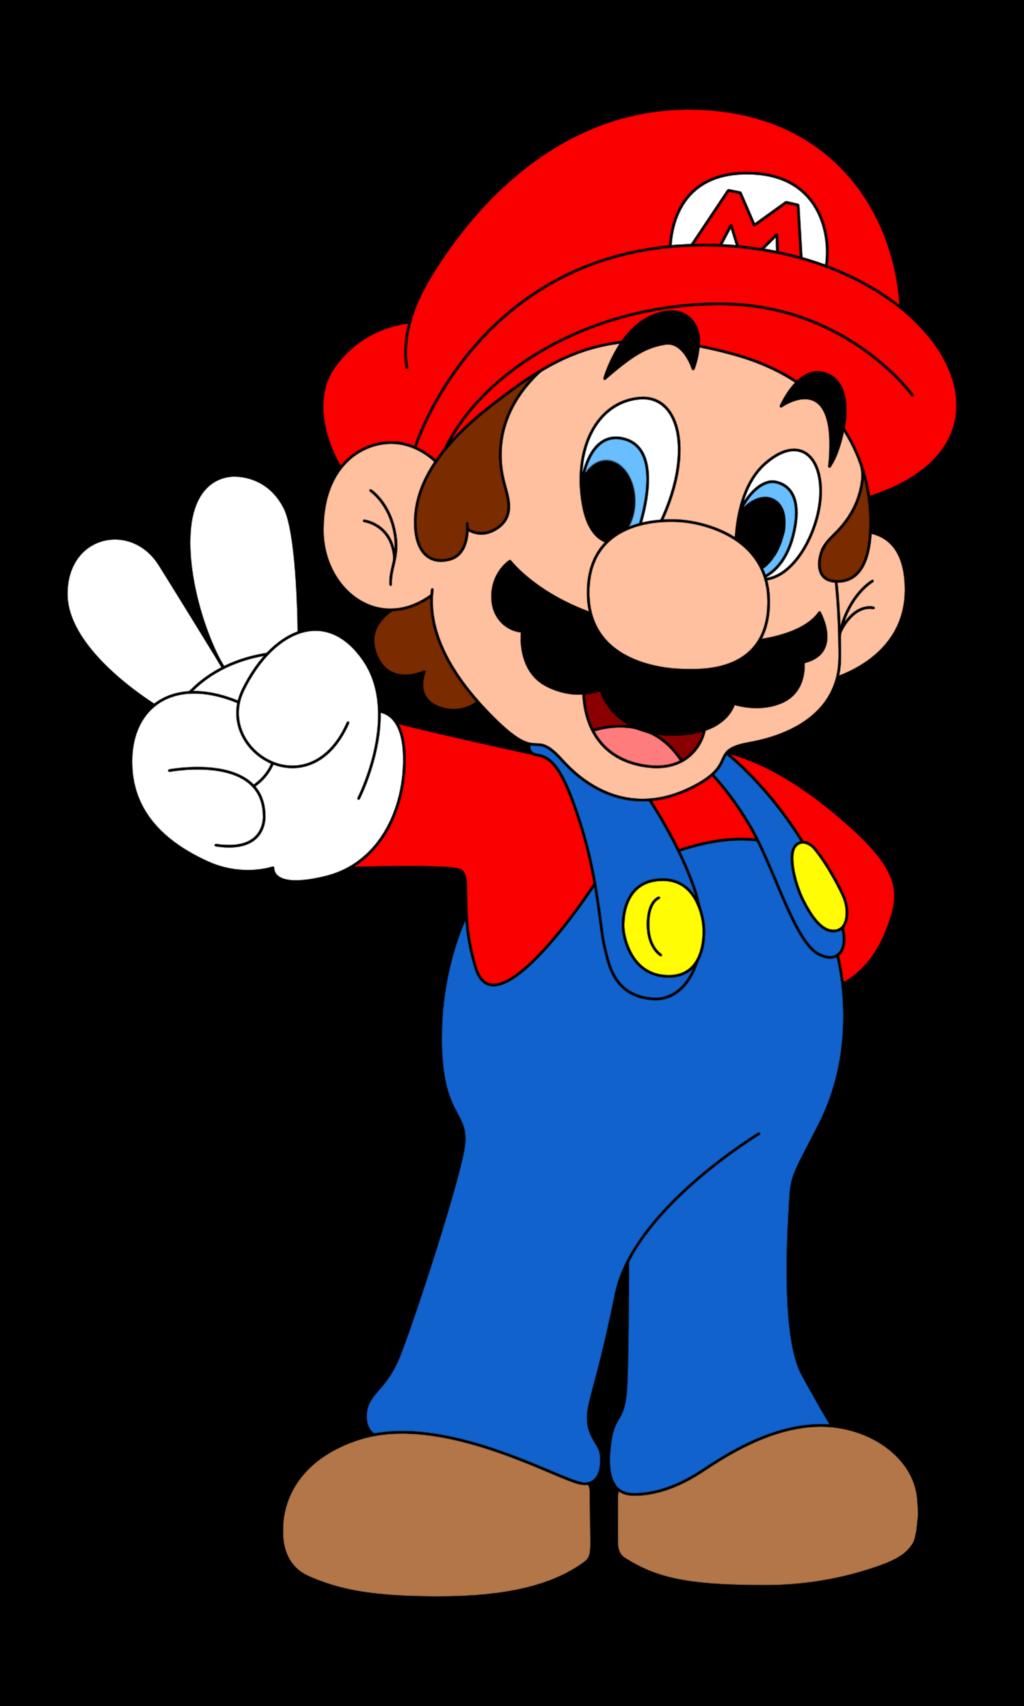 Mario clip art.